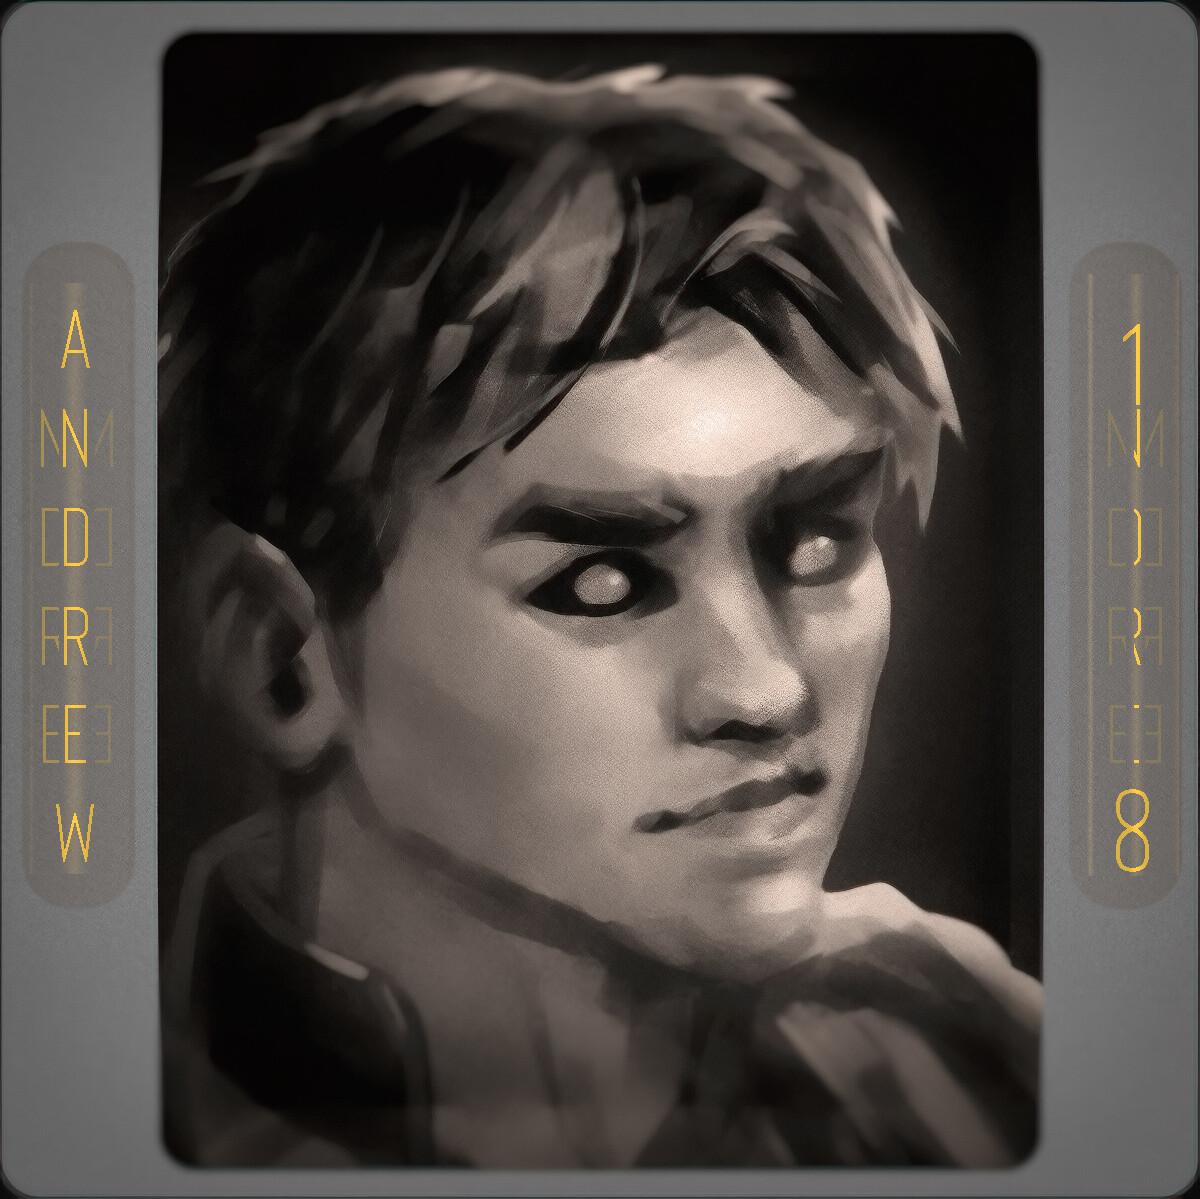 ANDREW18